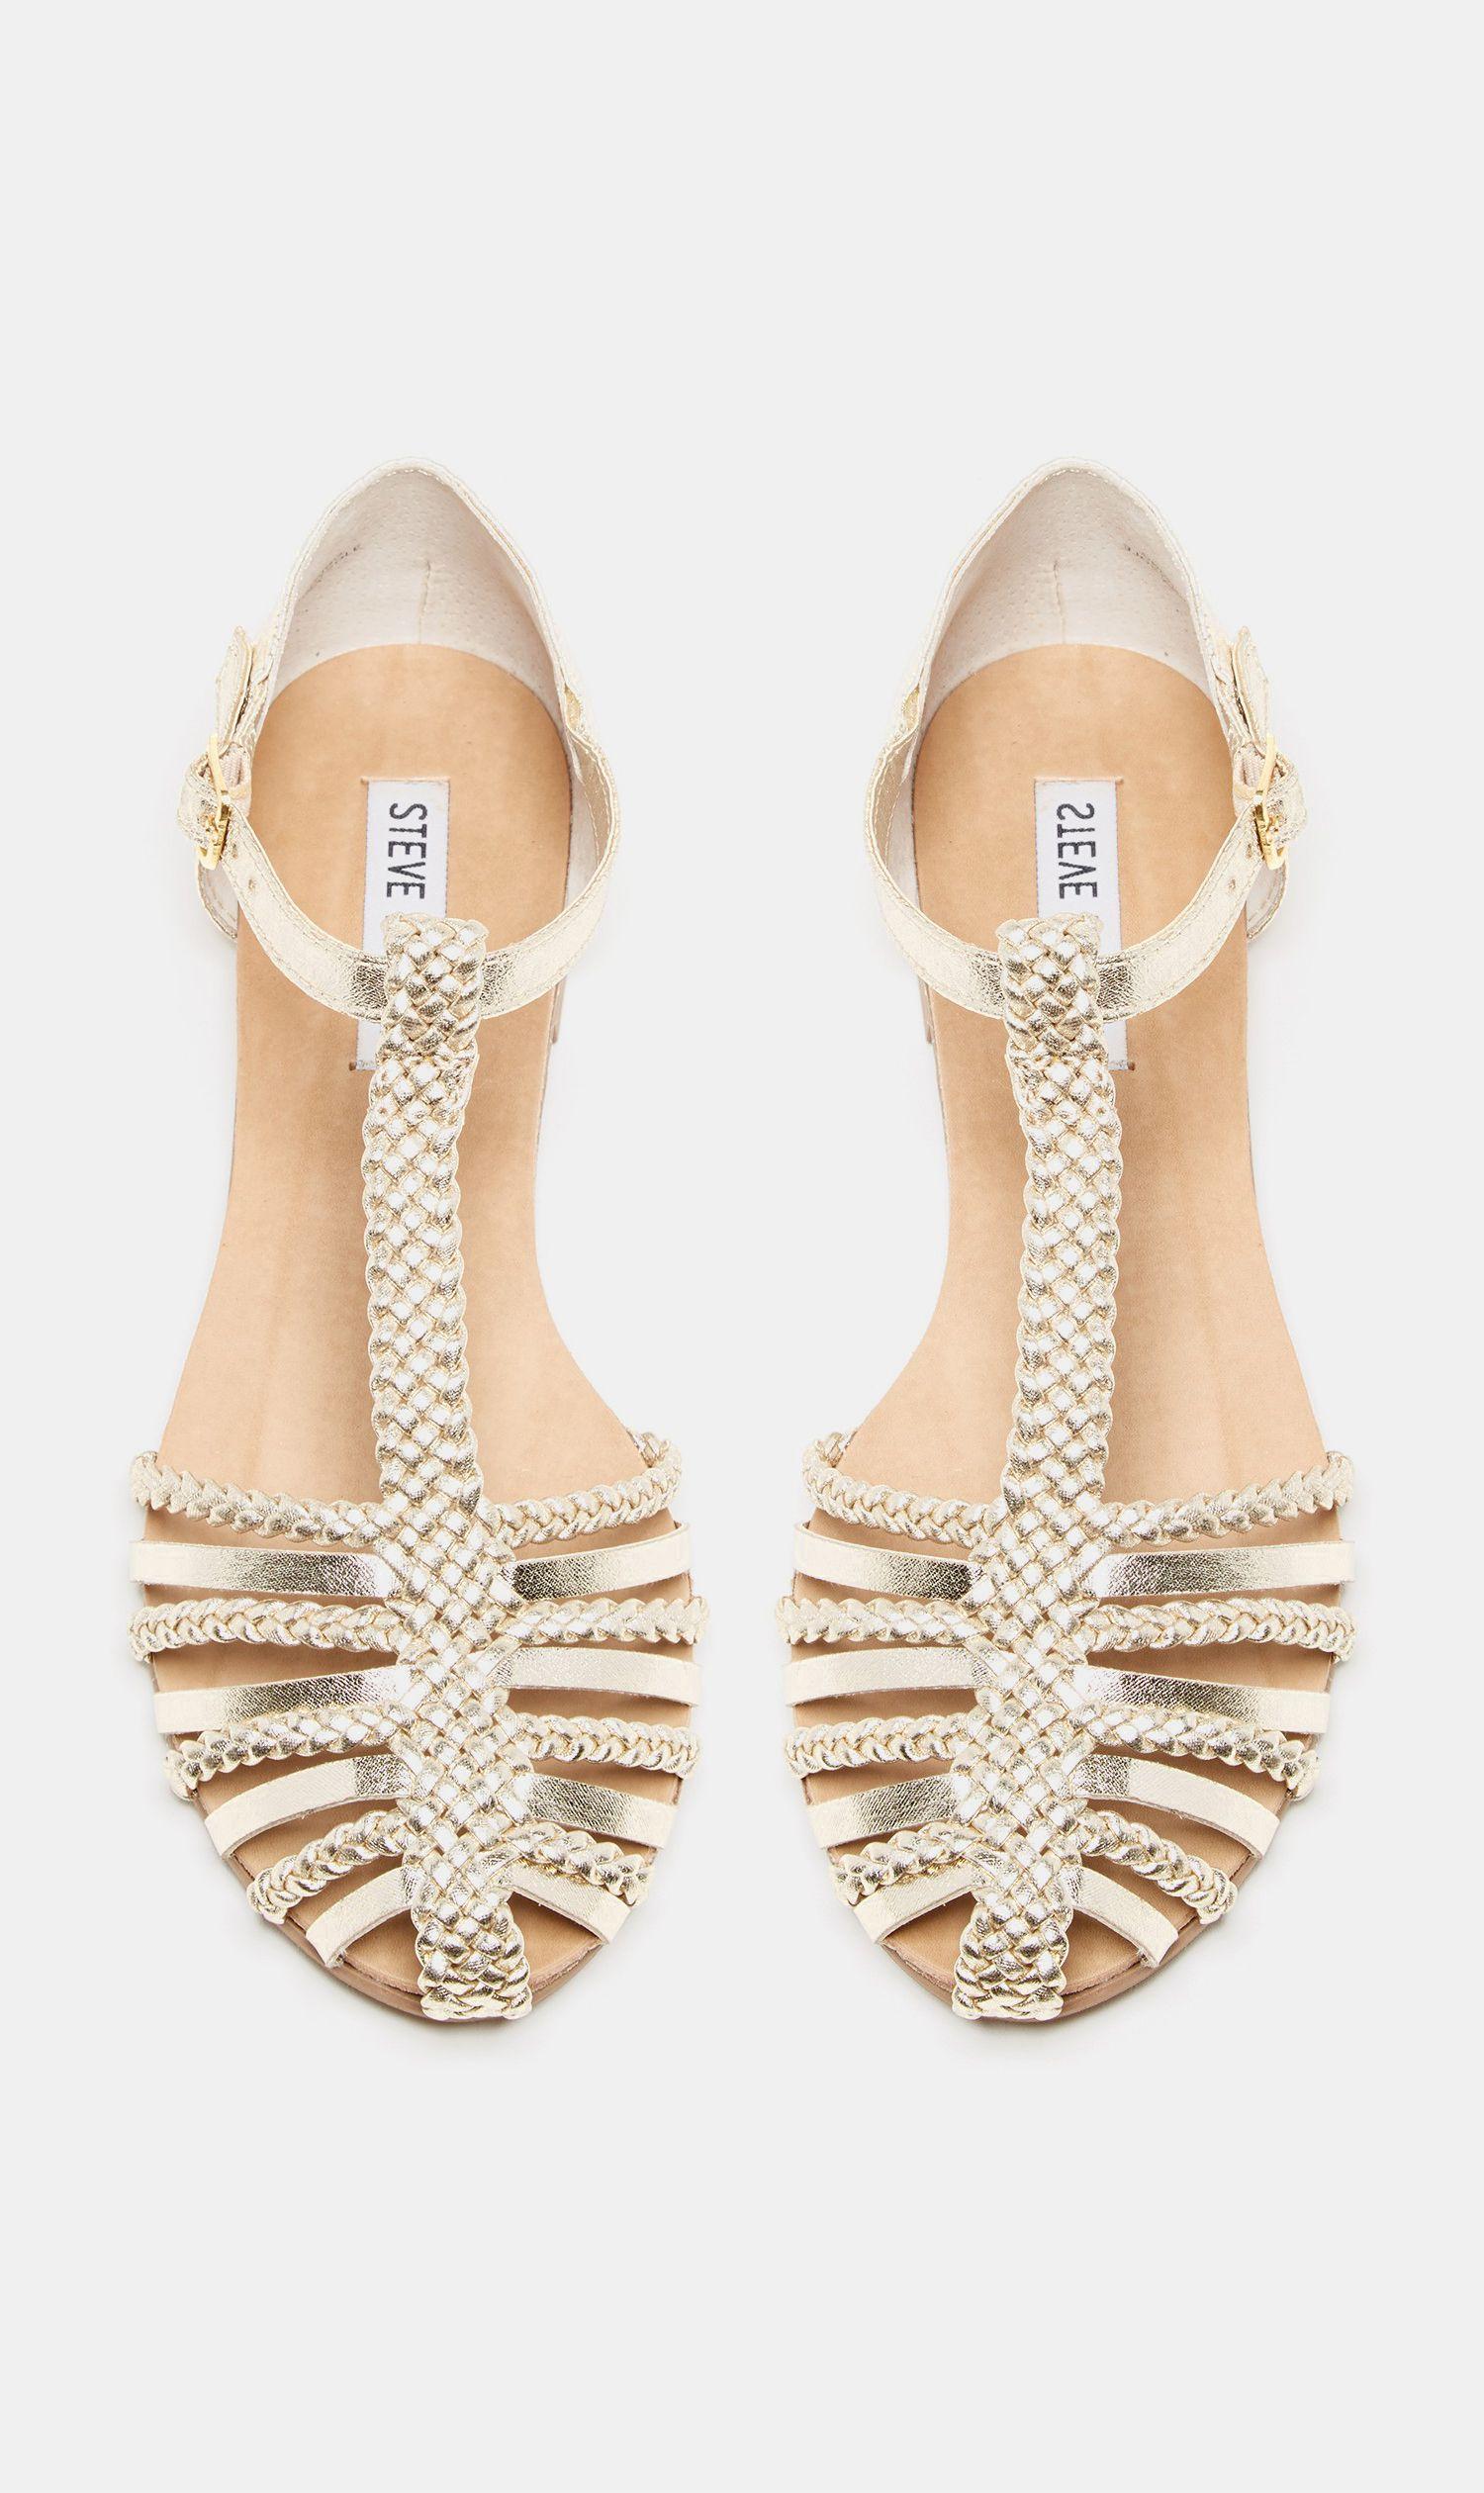 HauteLook | Steve Madden Shoes: Steve